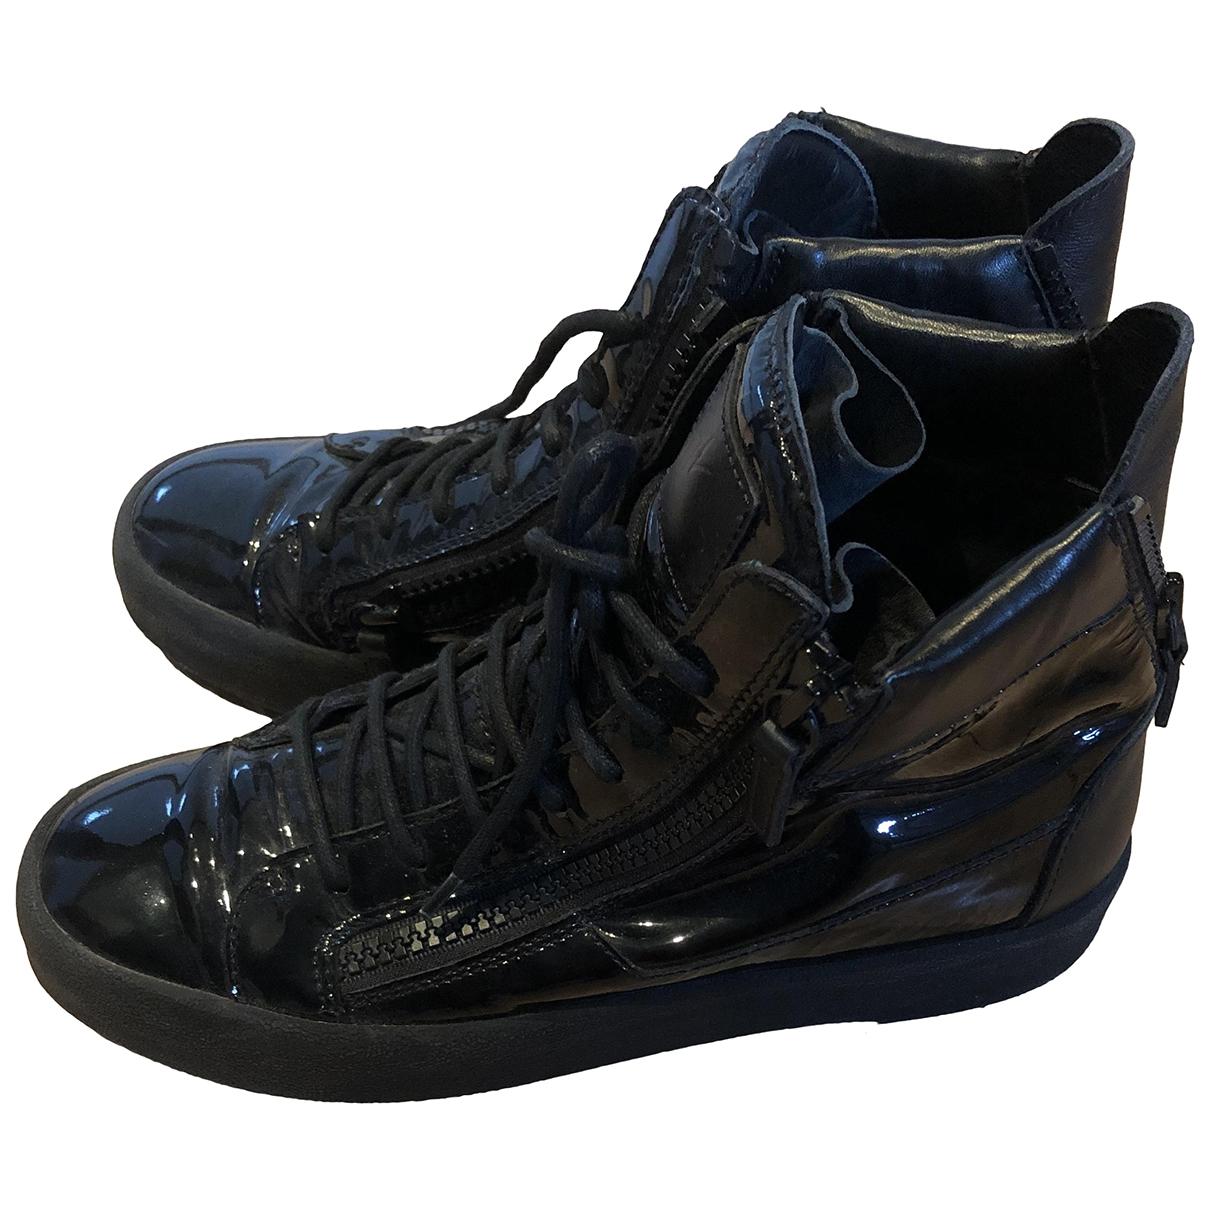 Giuseppe Zanotti - Baskets   pour homme en cuir verni - noir